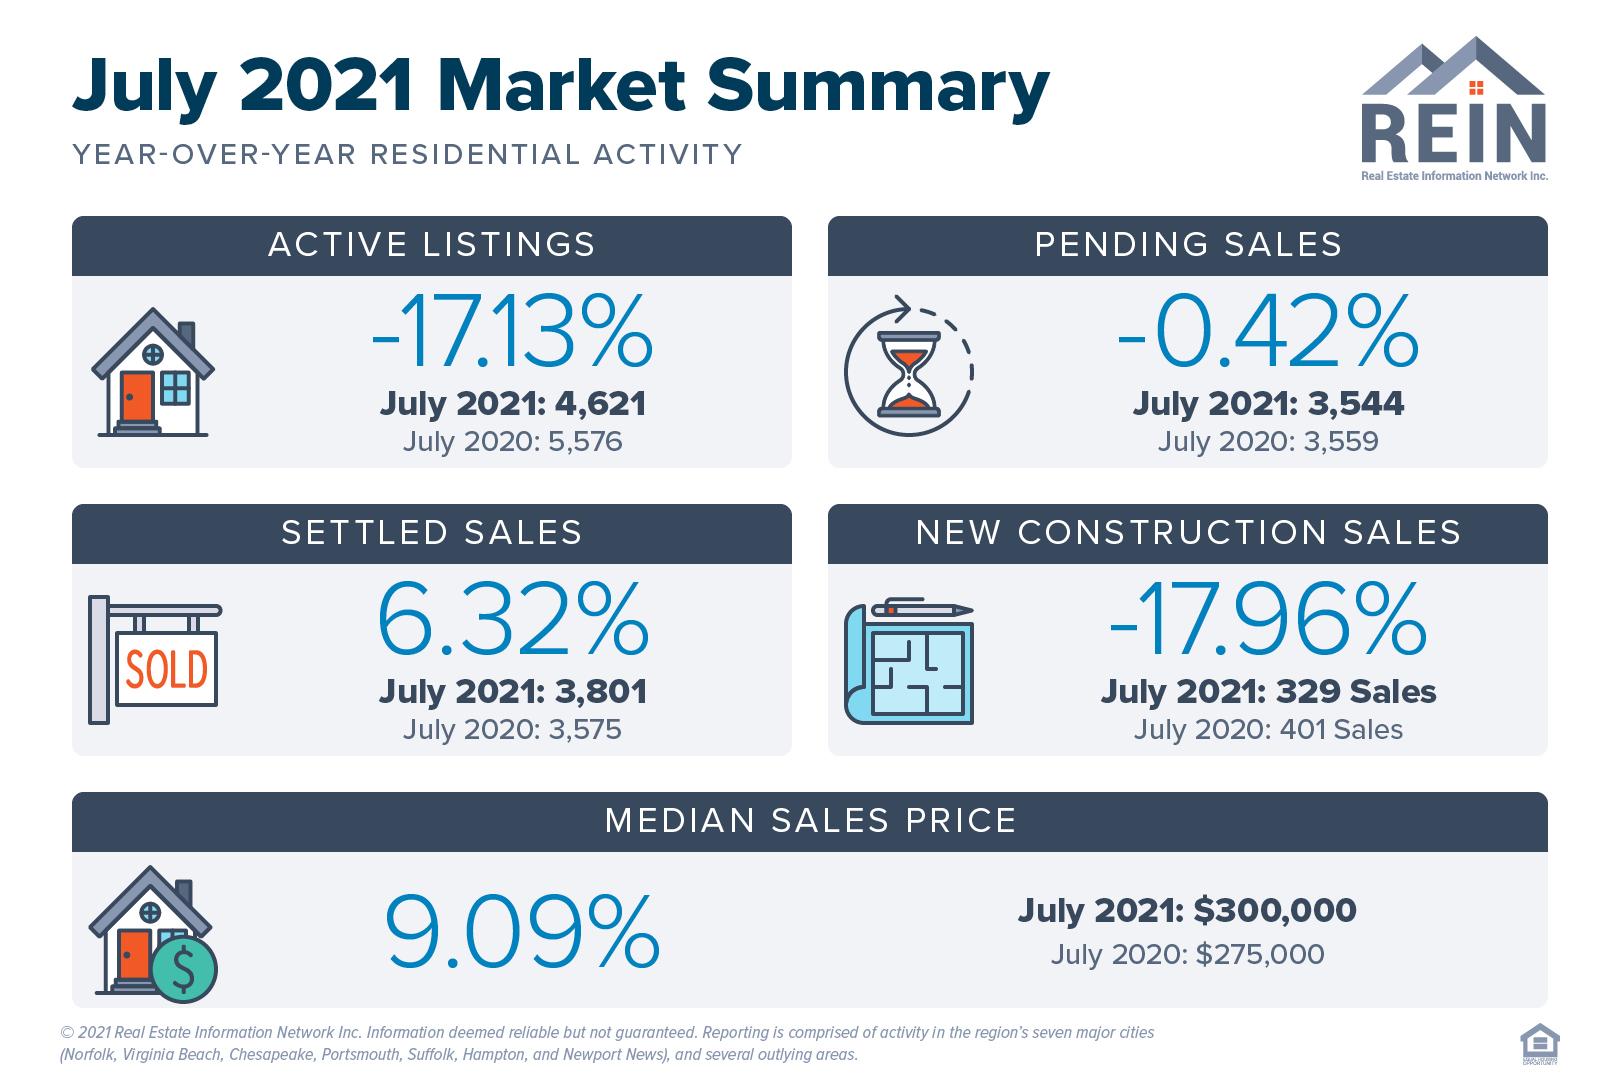 July 2021 Market Summary